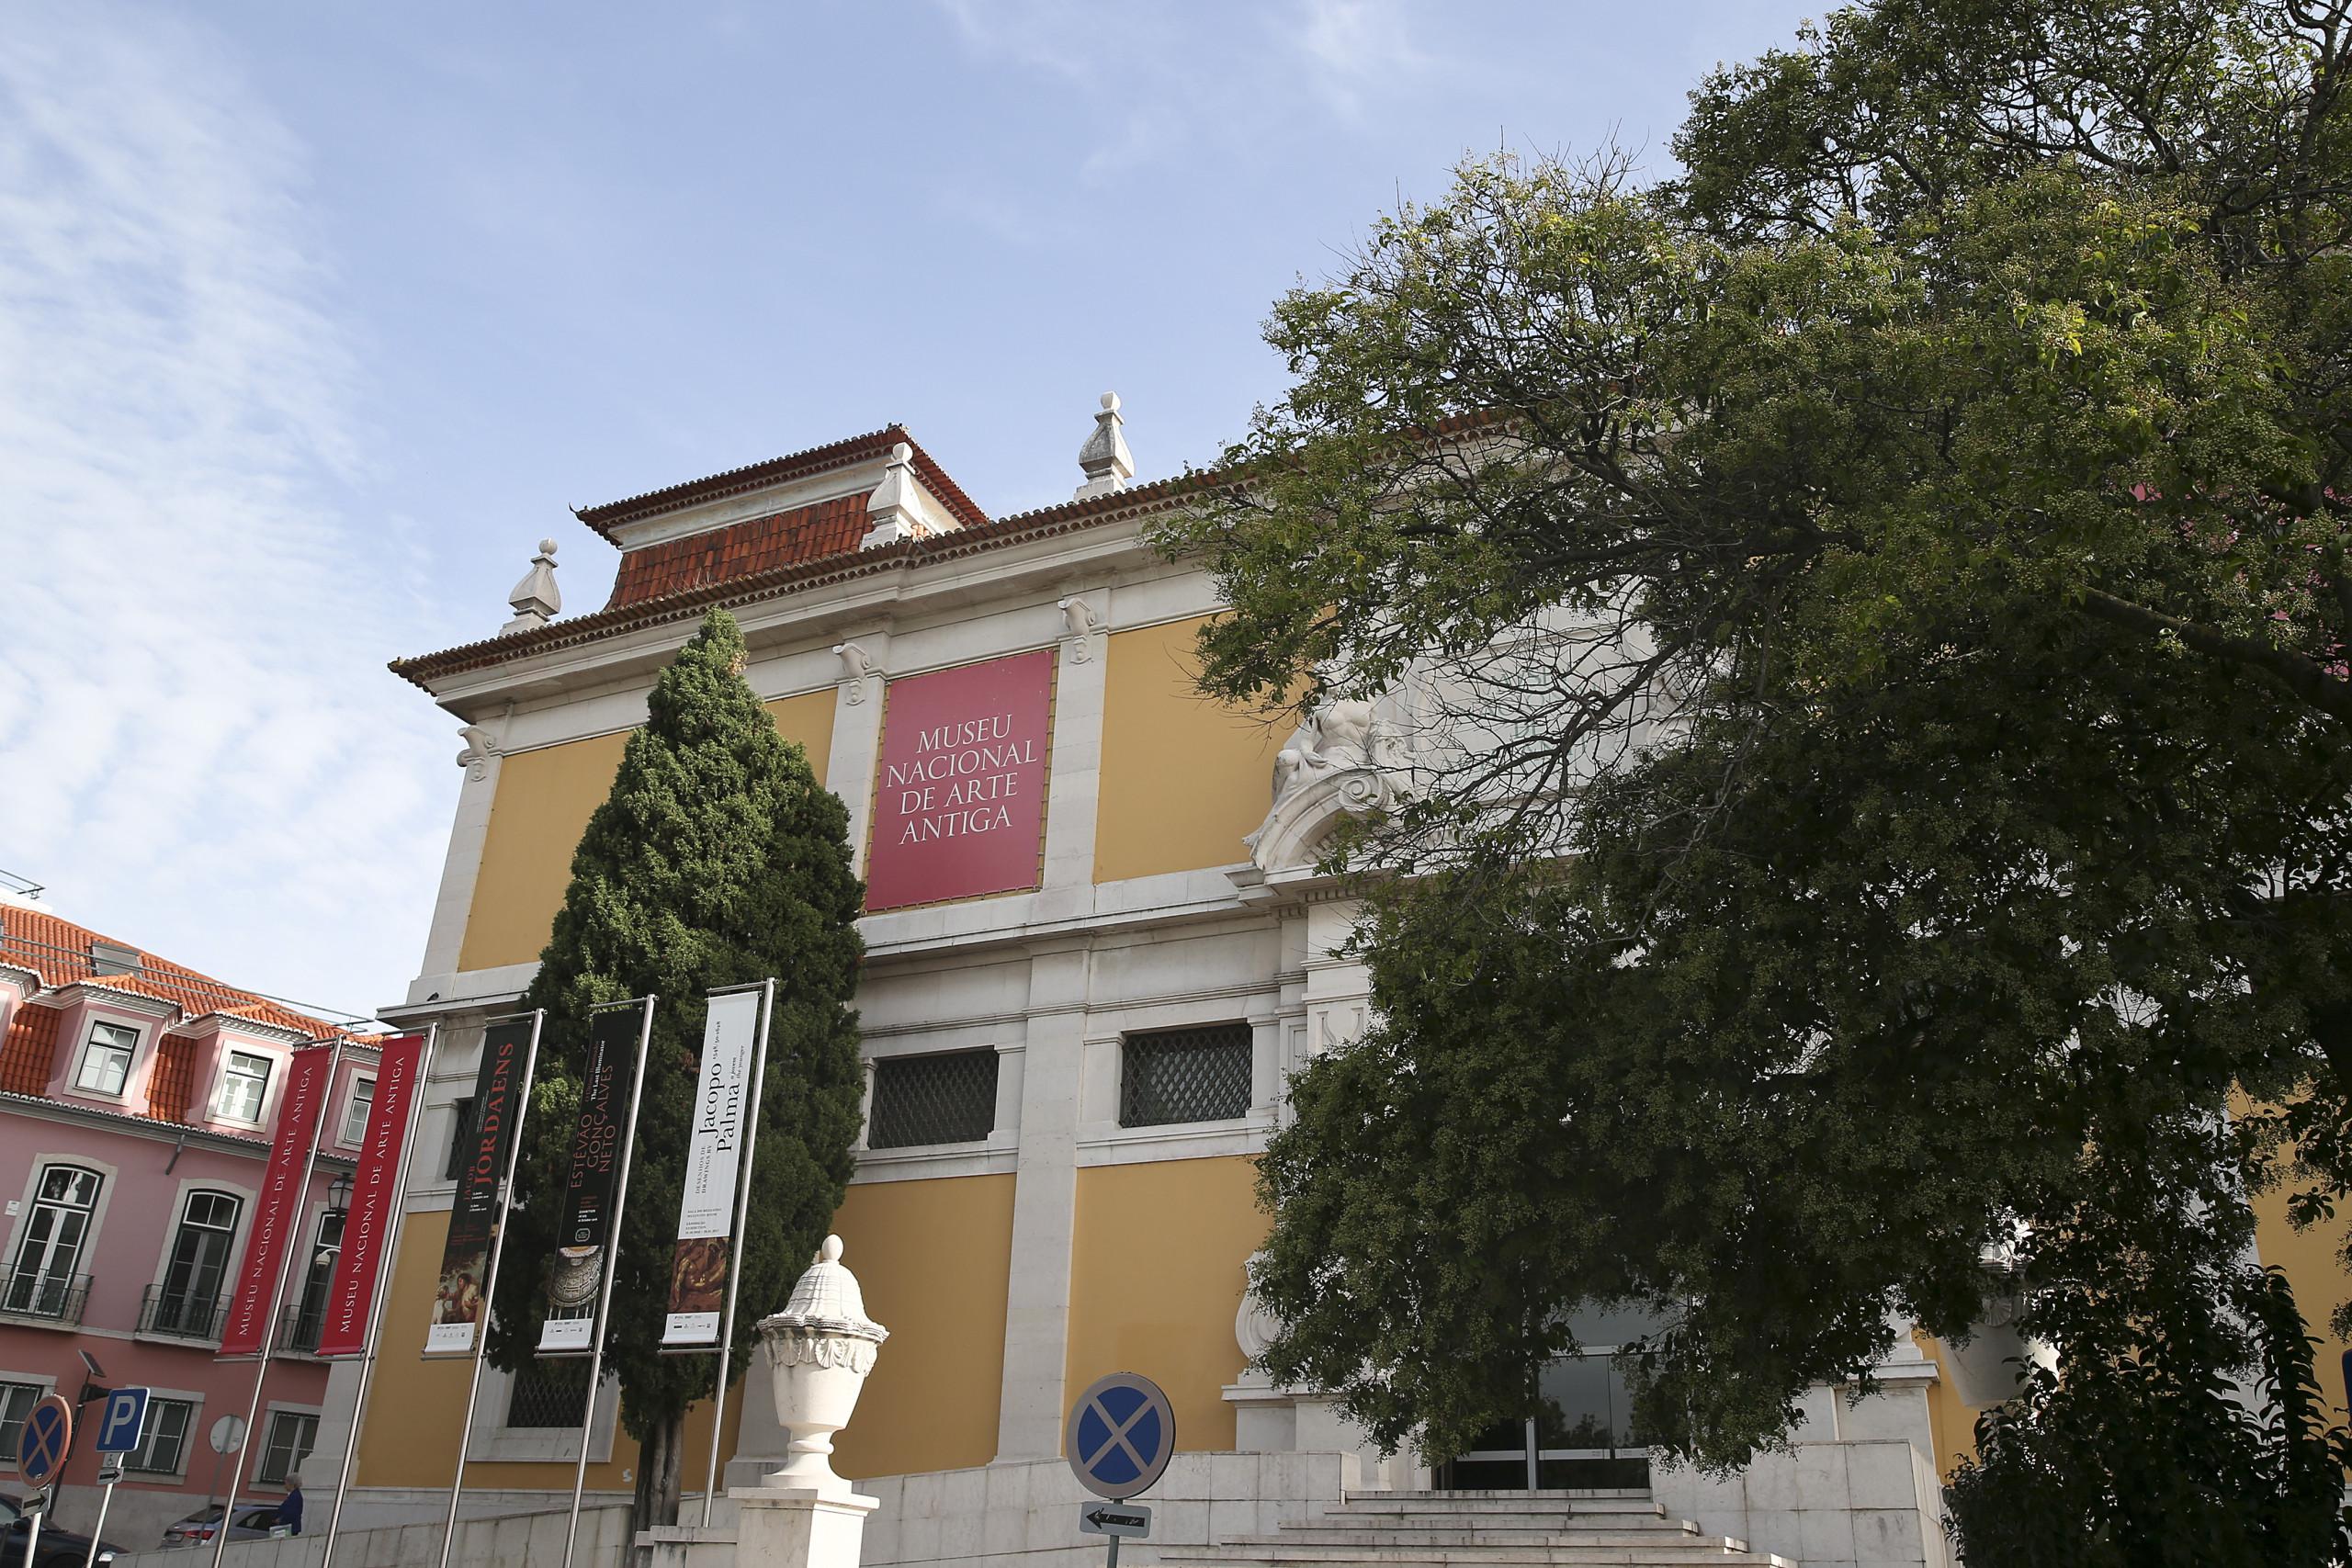 Museu de Arte Antiga vai 'Terra Adentro' com exposição dedicada a Sorolla